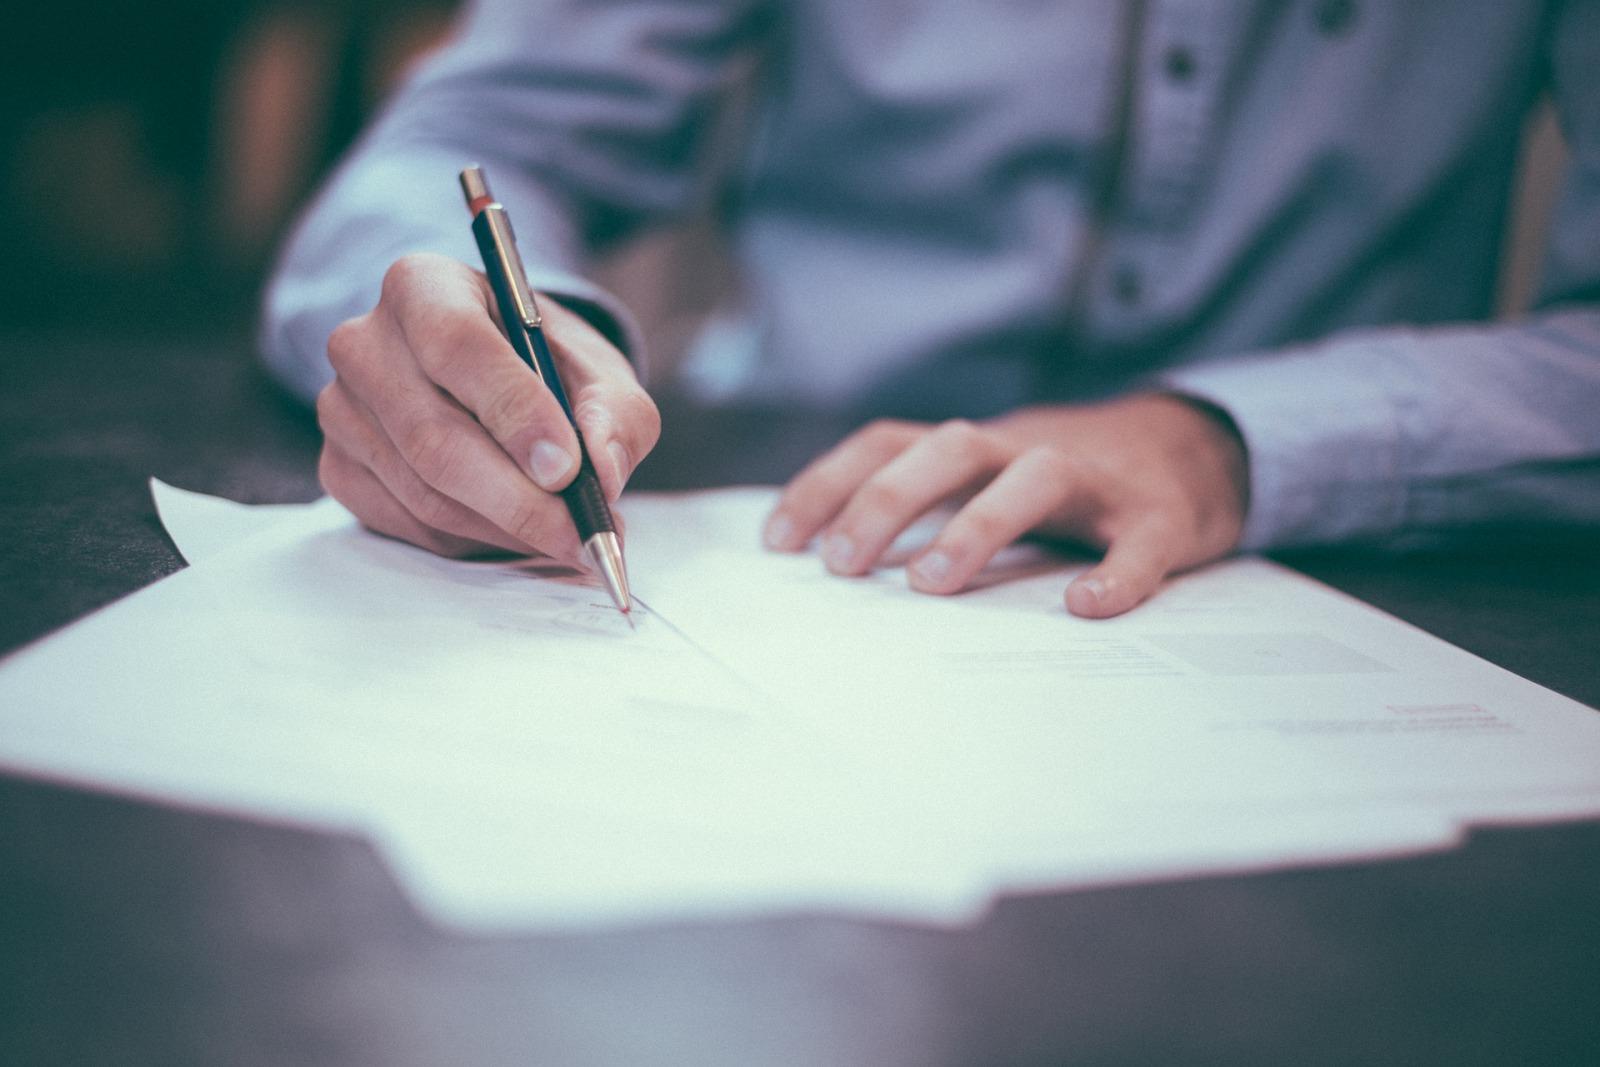 弁理士になるには国家資格である弁理士資格を取得する